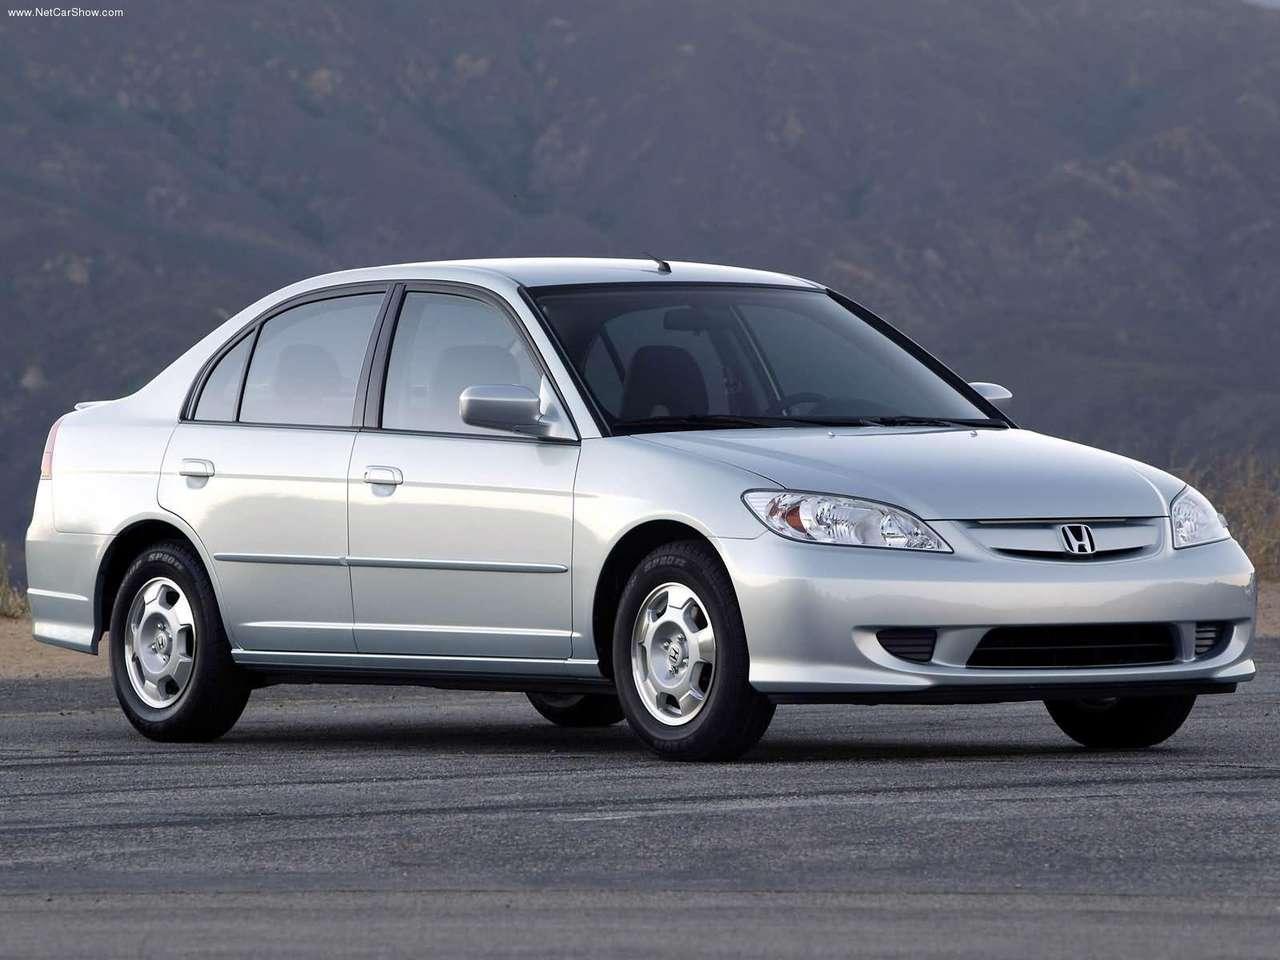 http://2.bp.blogspot.com/--3Xrbheks9Y/TclEIhIcTyI/AAAAAAAAGdo/XYaR-IH7zZ0/s1600/Honda-Civic_Hybrid_2005_1280x960_wallpaper_04.jpg